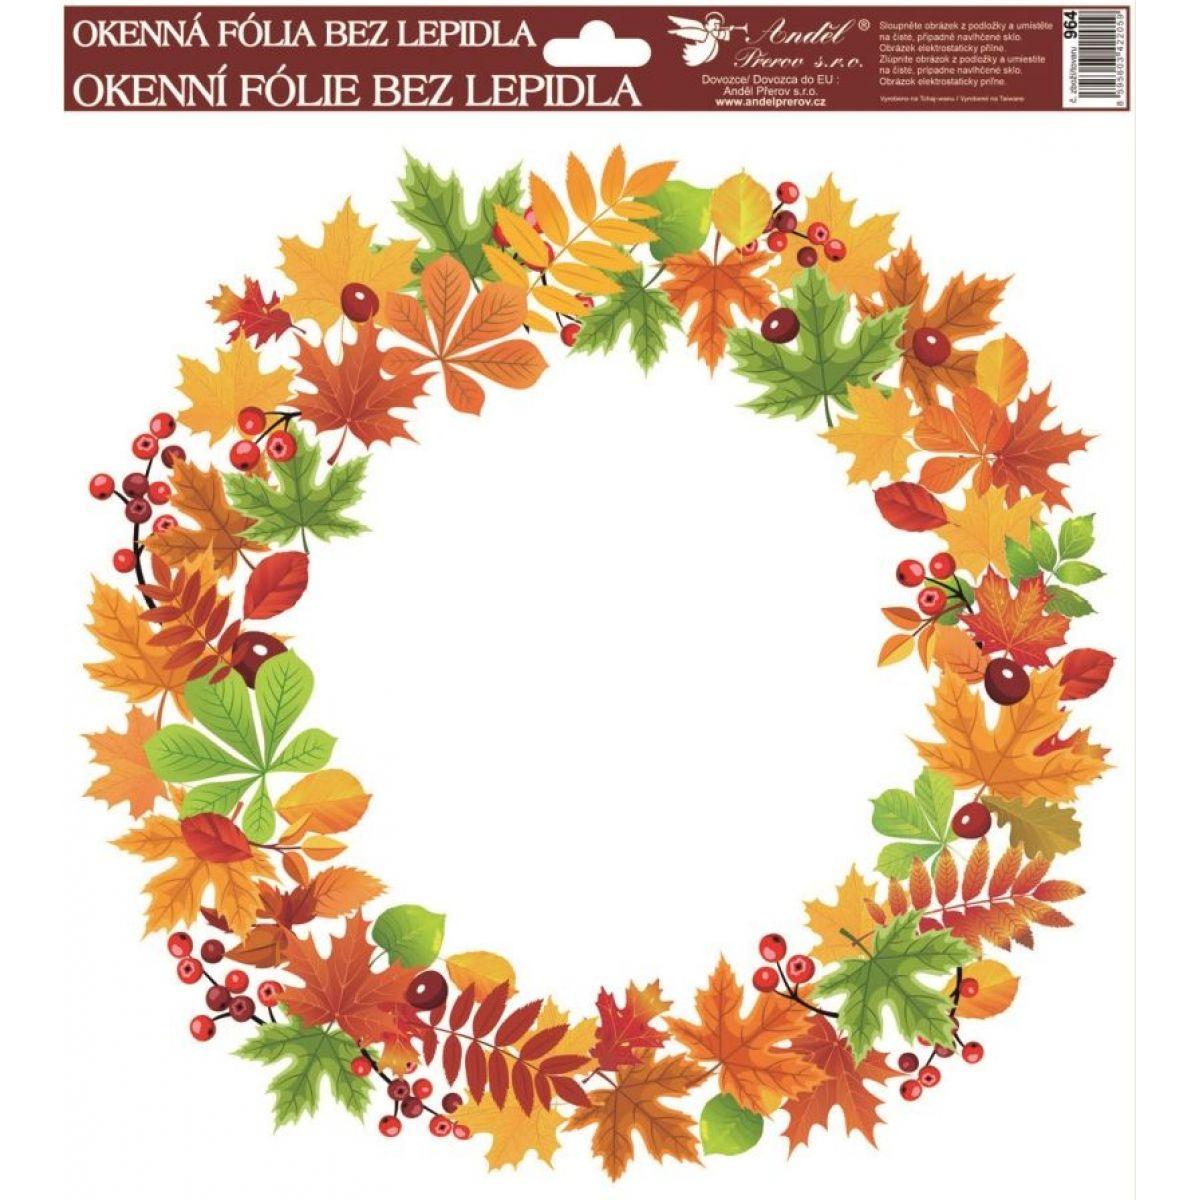 Okenní fólie 30 x 30 cm, podzimní věnce listí se šípky